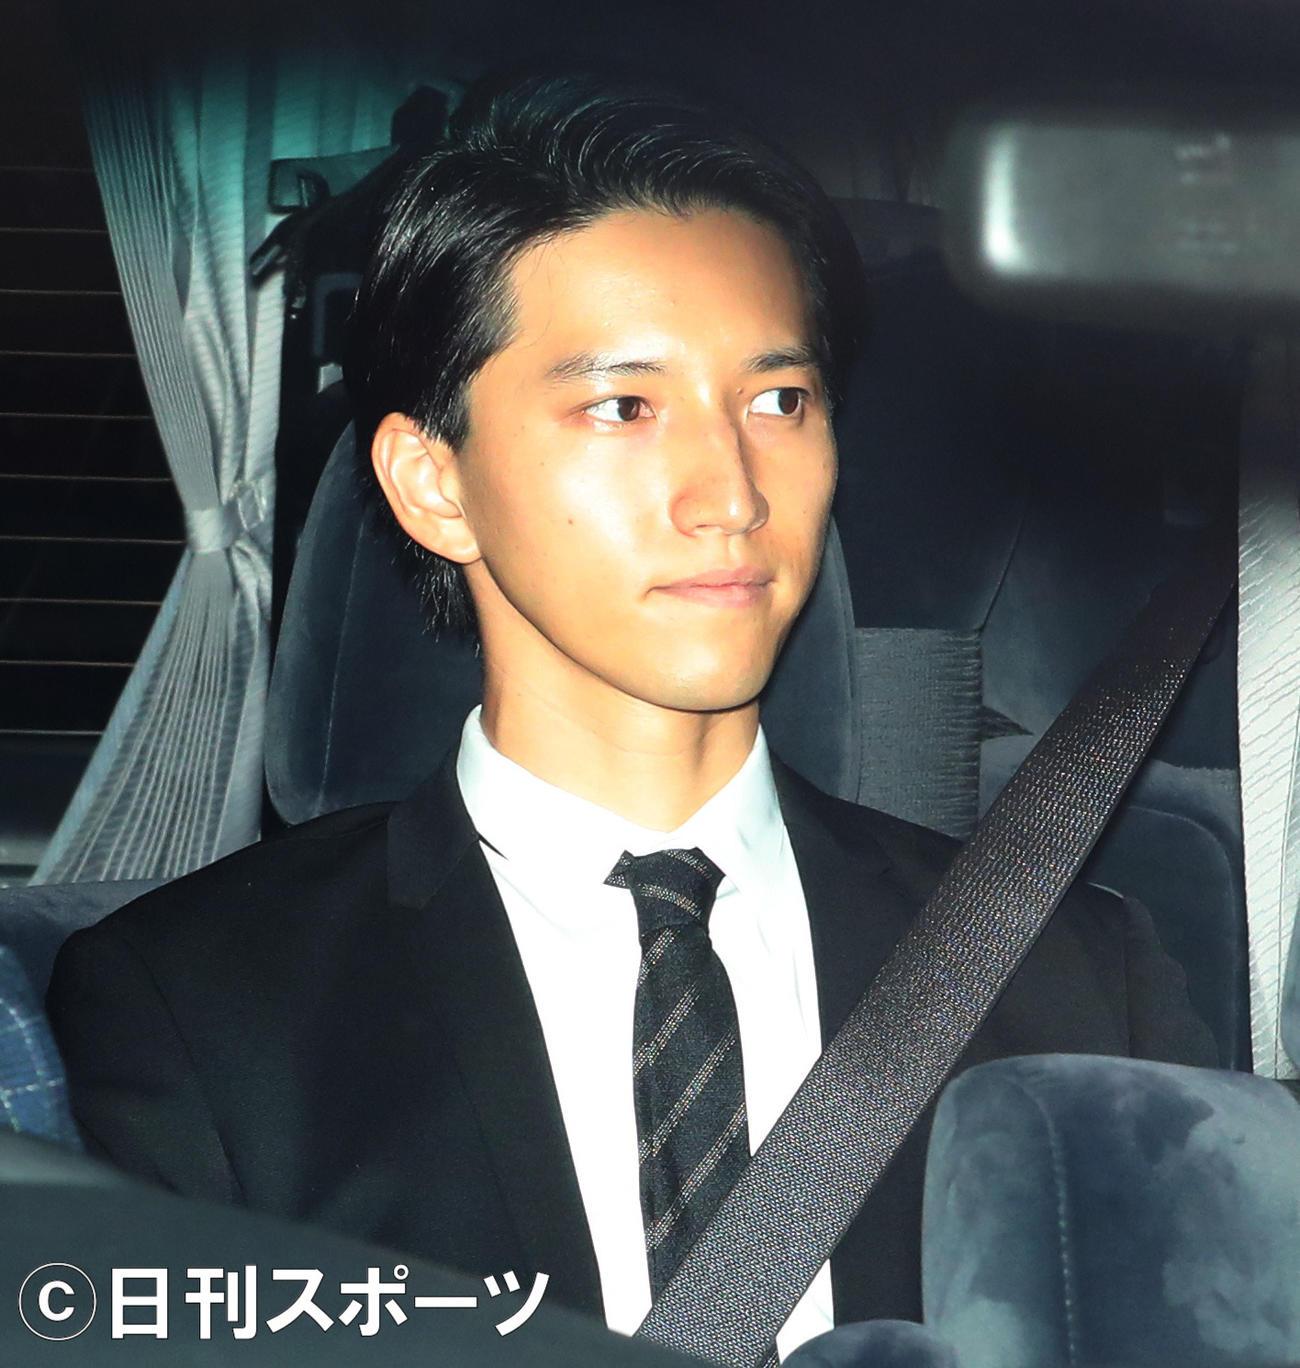 田口淳之介(2019年10月21日撮影)